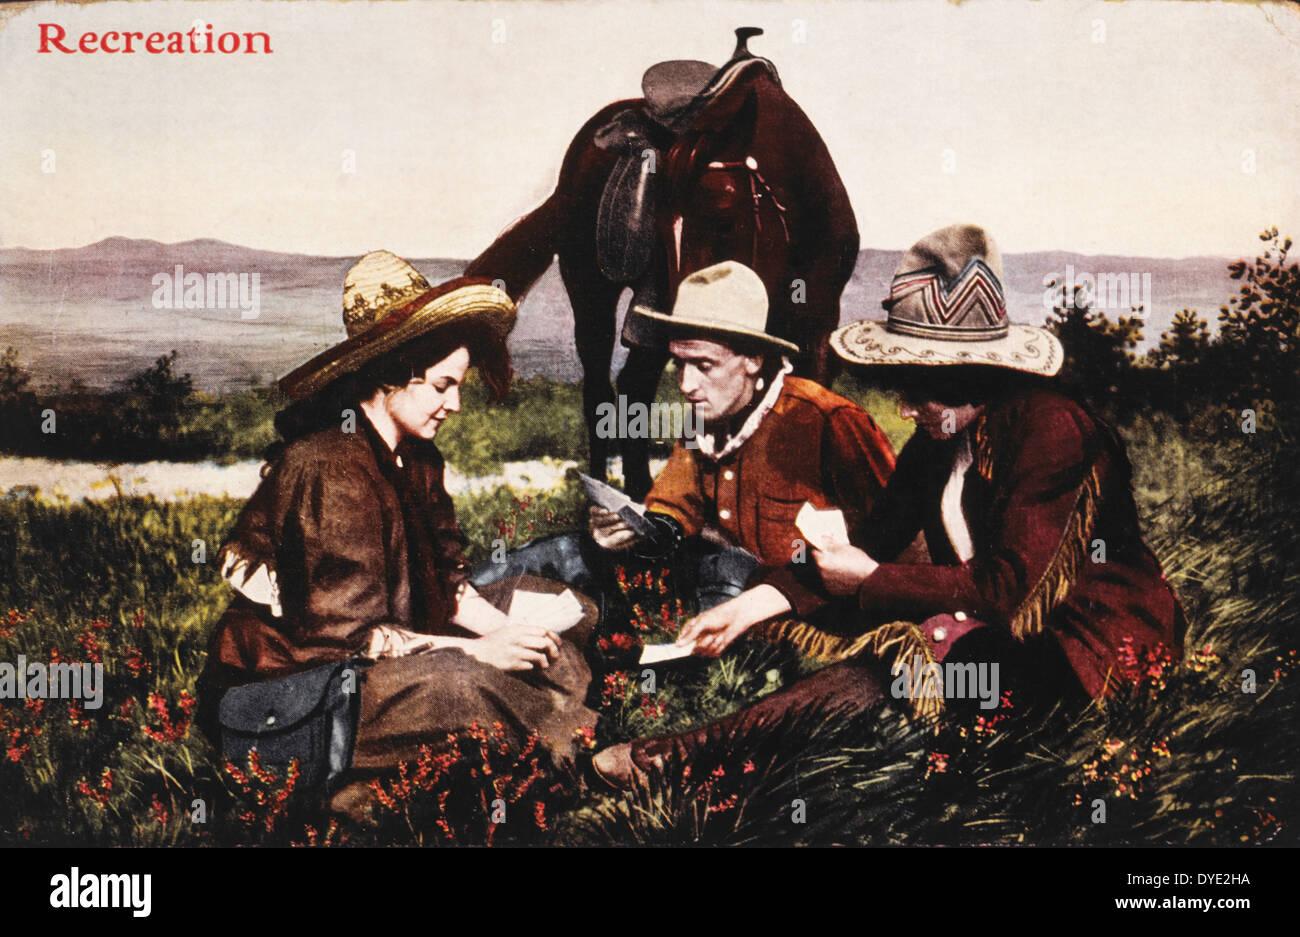 Dos vaqueros y una mujer jugando a las cartas durante un descanso en el camino, al oeste, EE.UU., circa 1909 Foto de stock